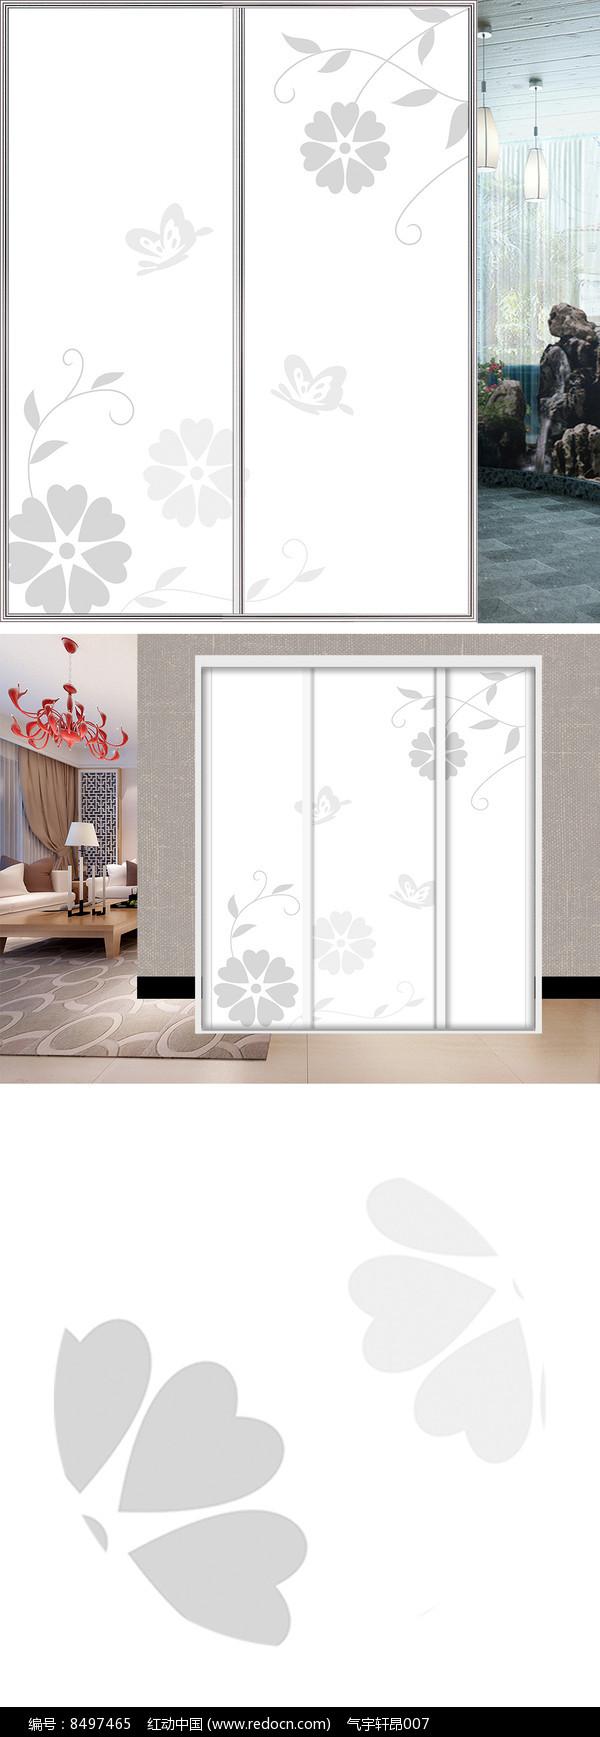 手绘花朵蝴蝶衣柜移门图片背景图片